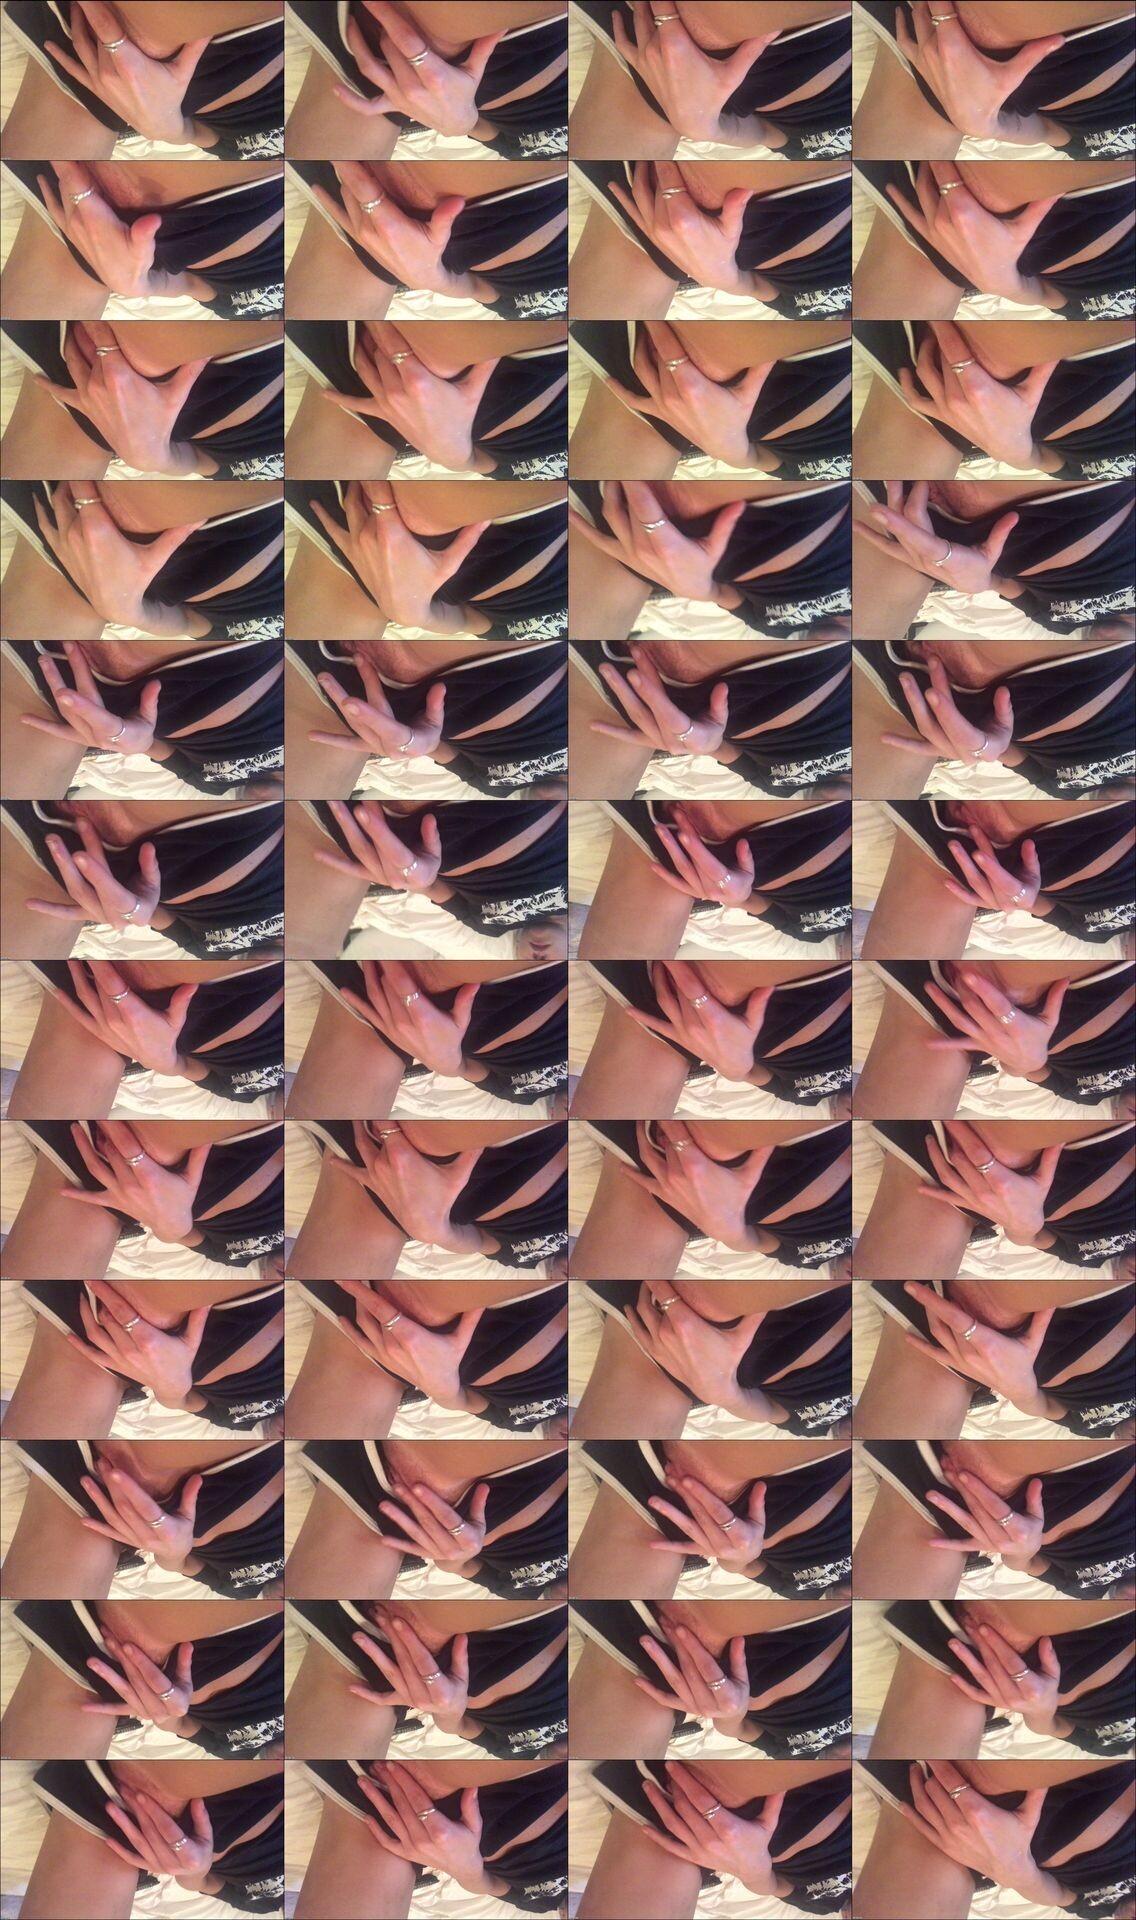 Kristen Stewart Nude Leaked 6 fappenings.com 1